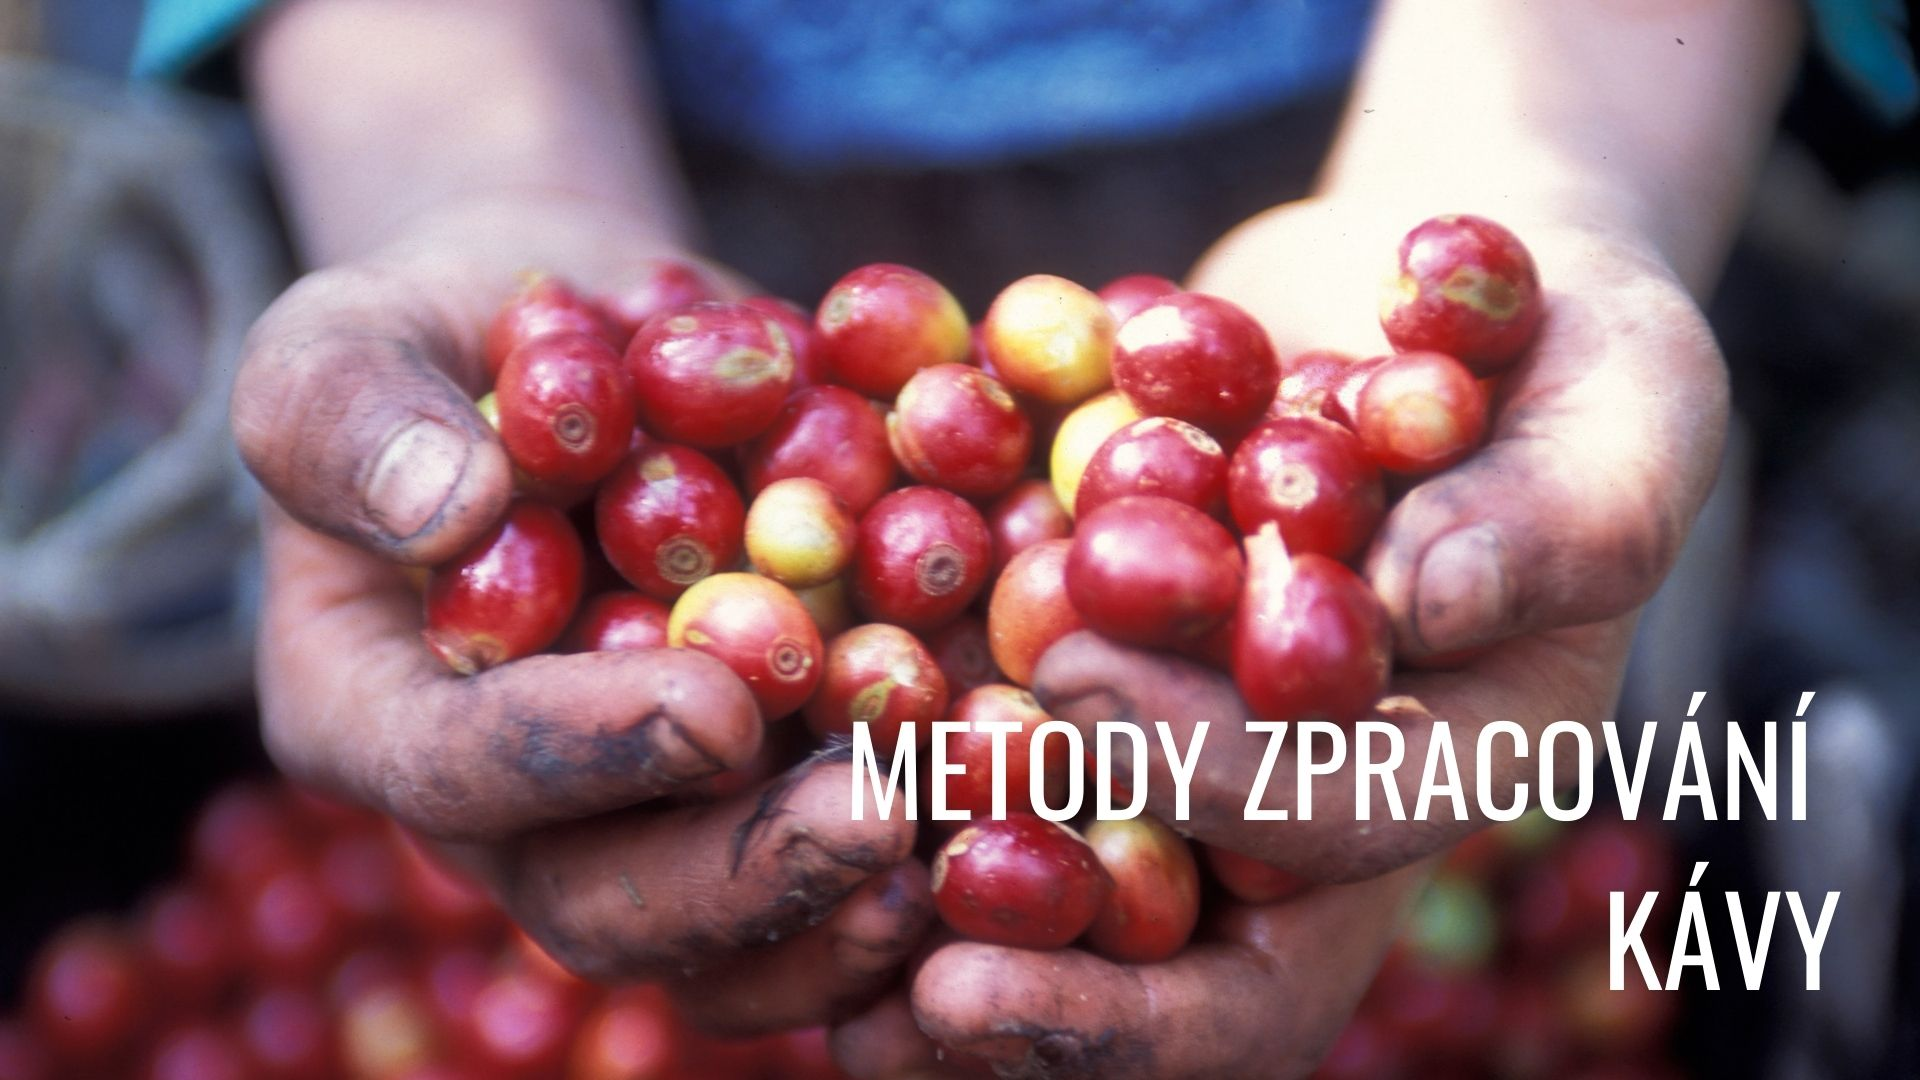 Metody zpracování kávy